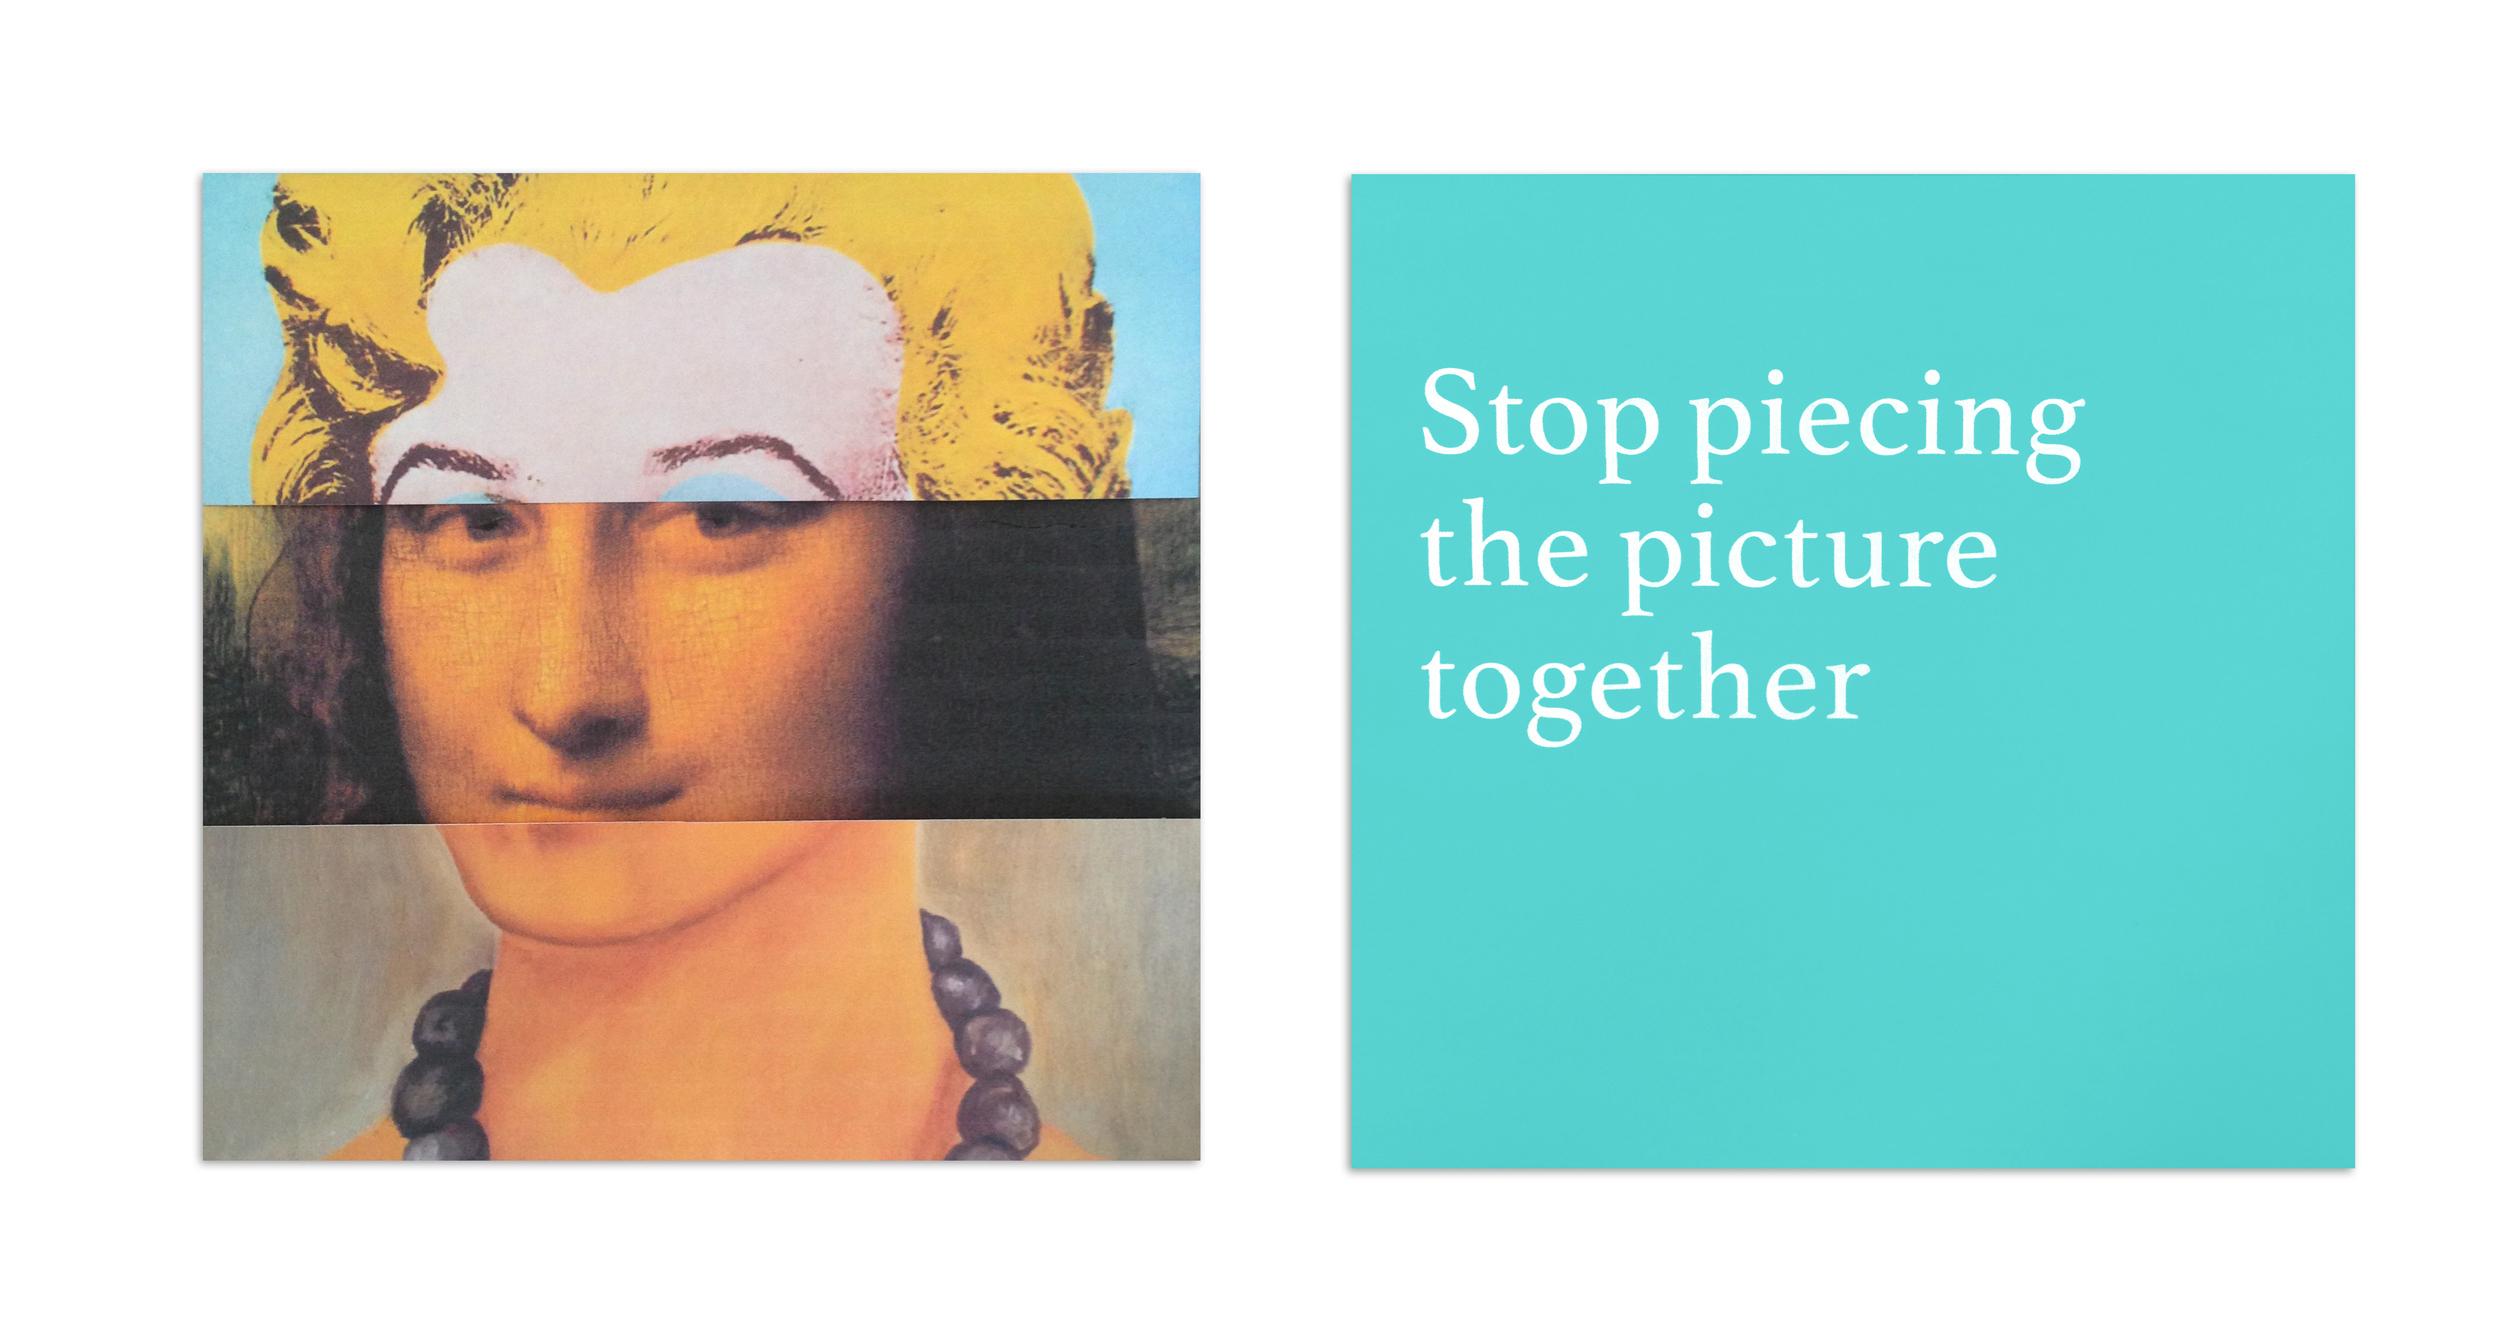 Lauren Peters-Collaer—Oxford Art Online